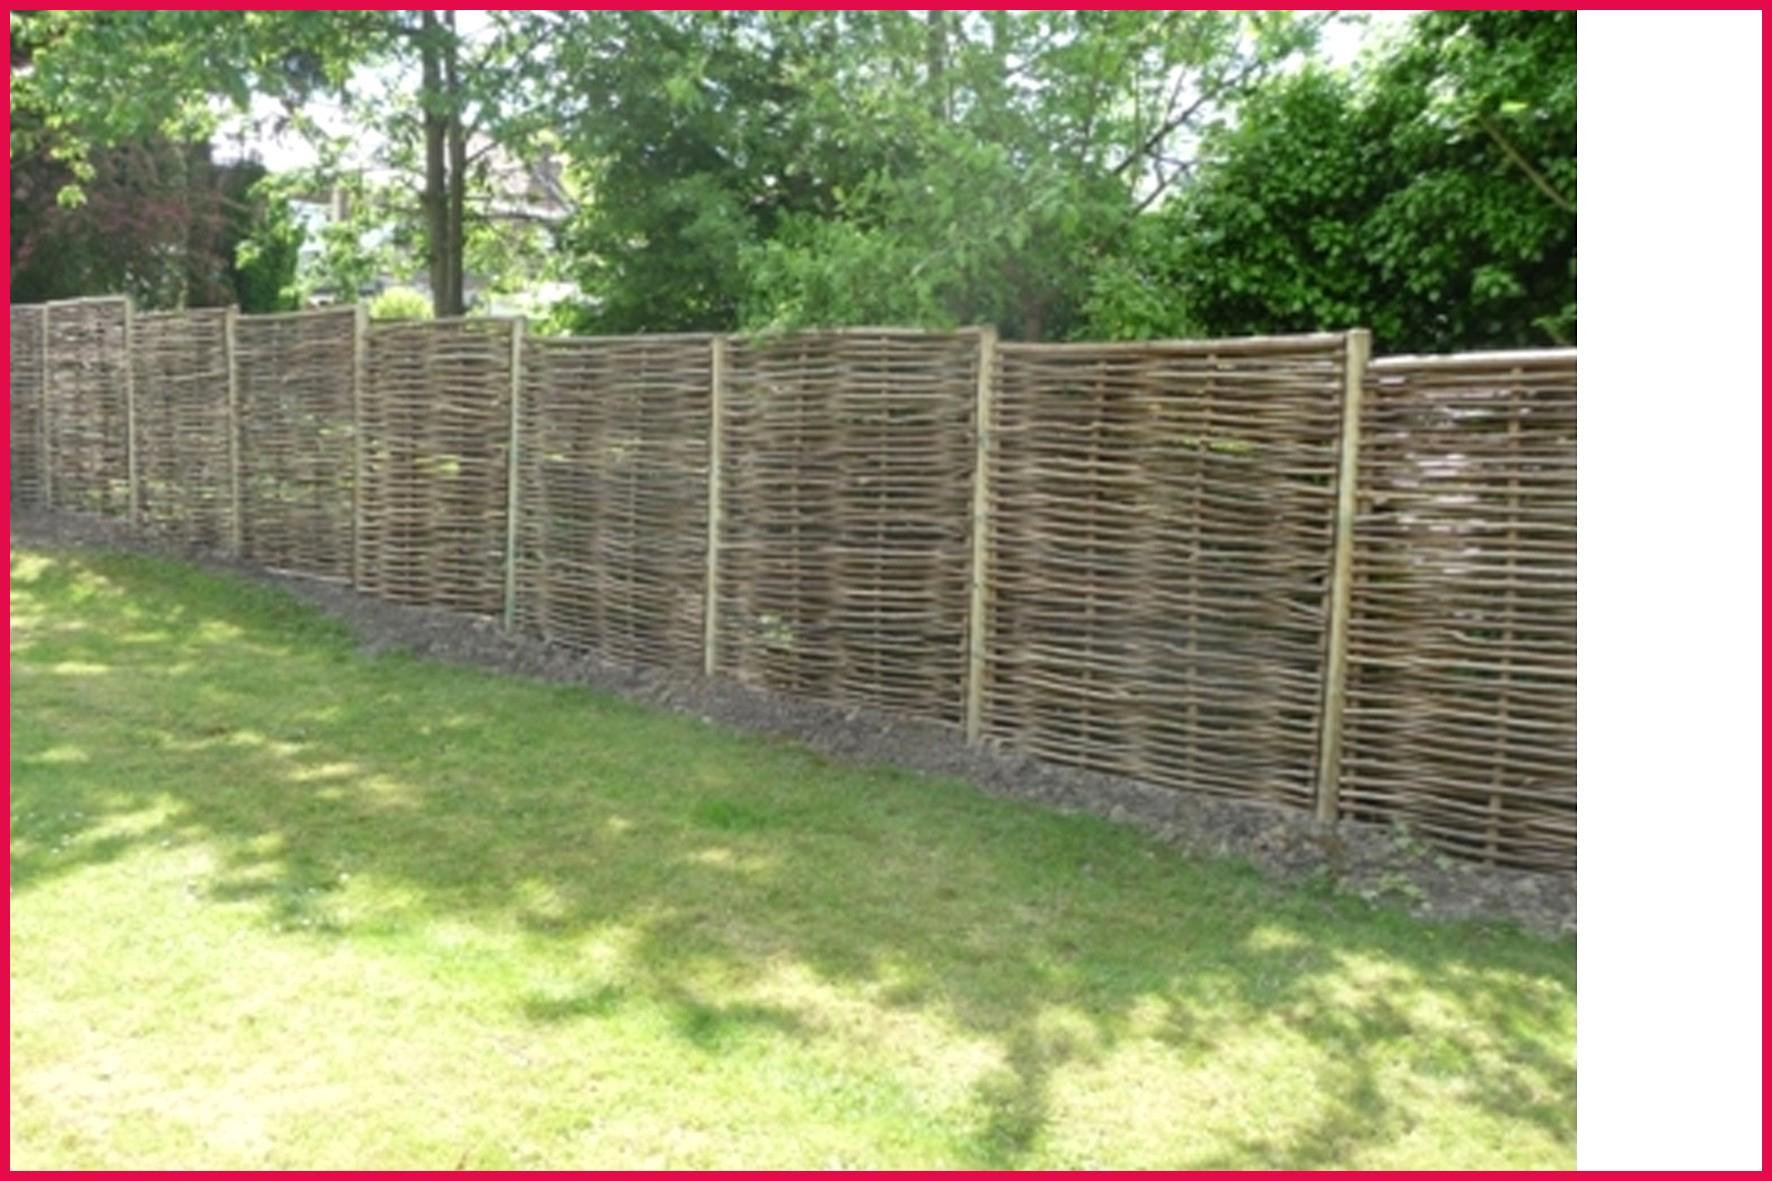 Panneau Bois Jardin Cloture De Rigide Chic Occultant Pas ... à Cloture De Jardin Pas Cher